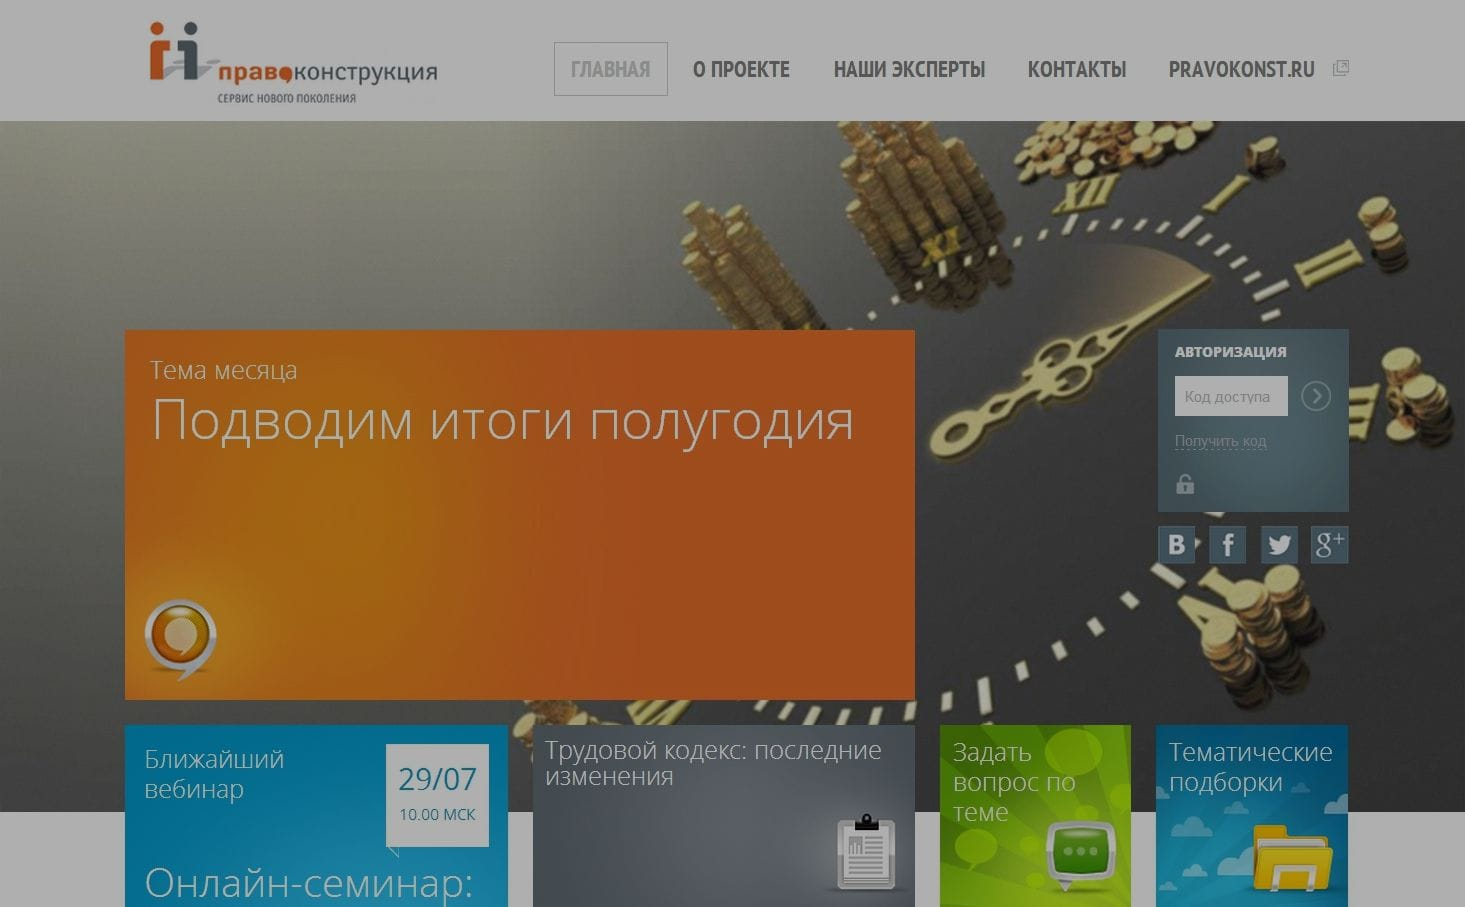 Механика продаж «КонсультантПлюс» откомпании «Право-конструкция»